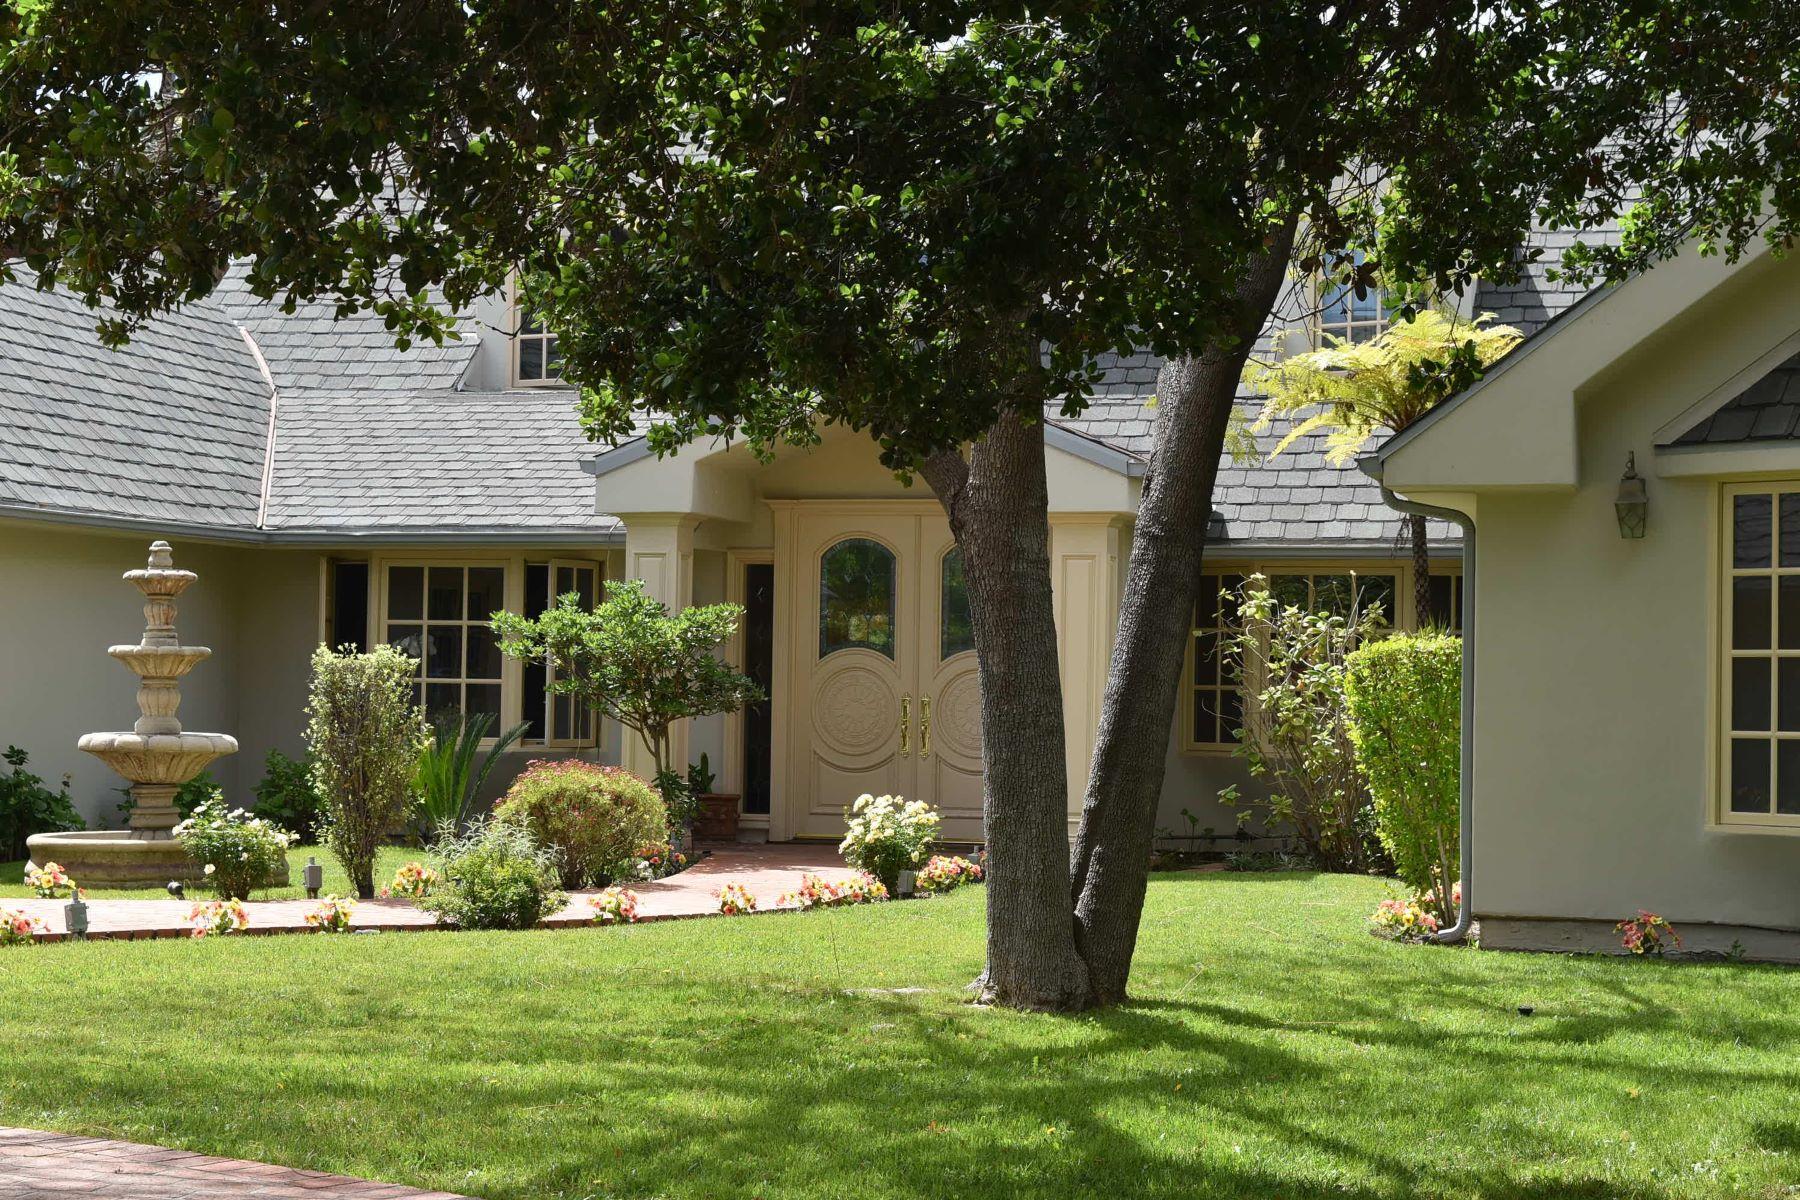 Immobilie zu verkaufen Encino